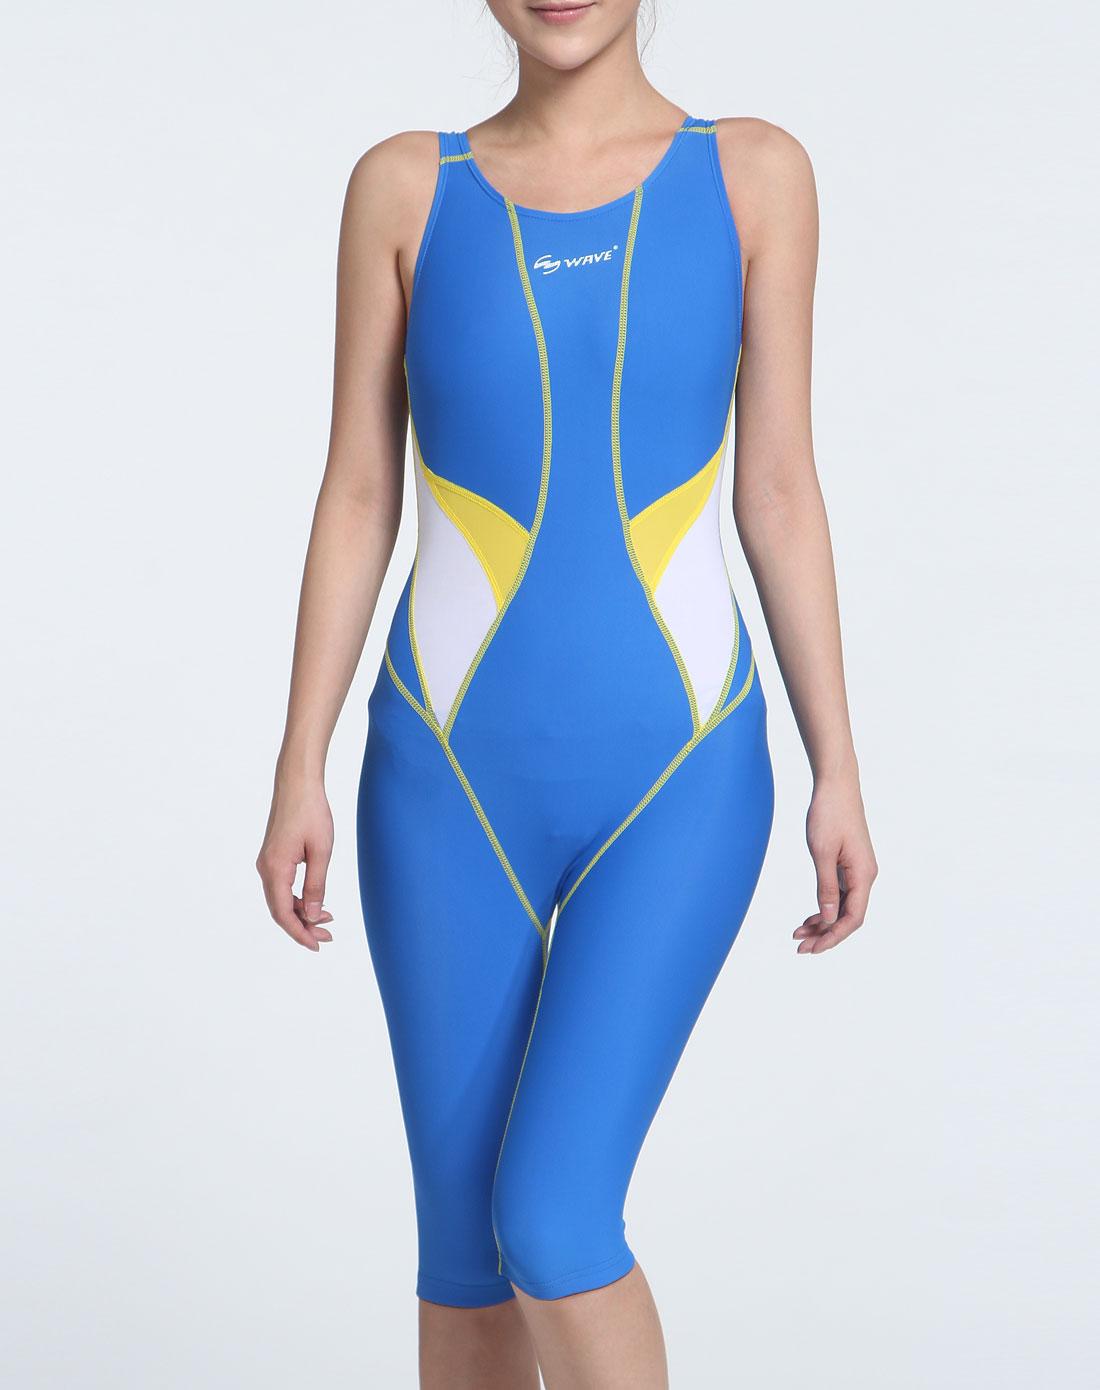 海浪wave 女款蓝色弹力贴身连体泳衣